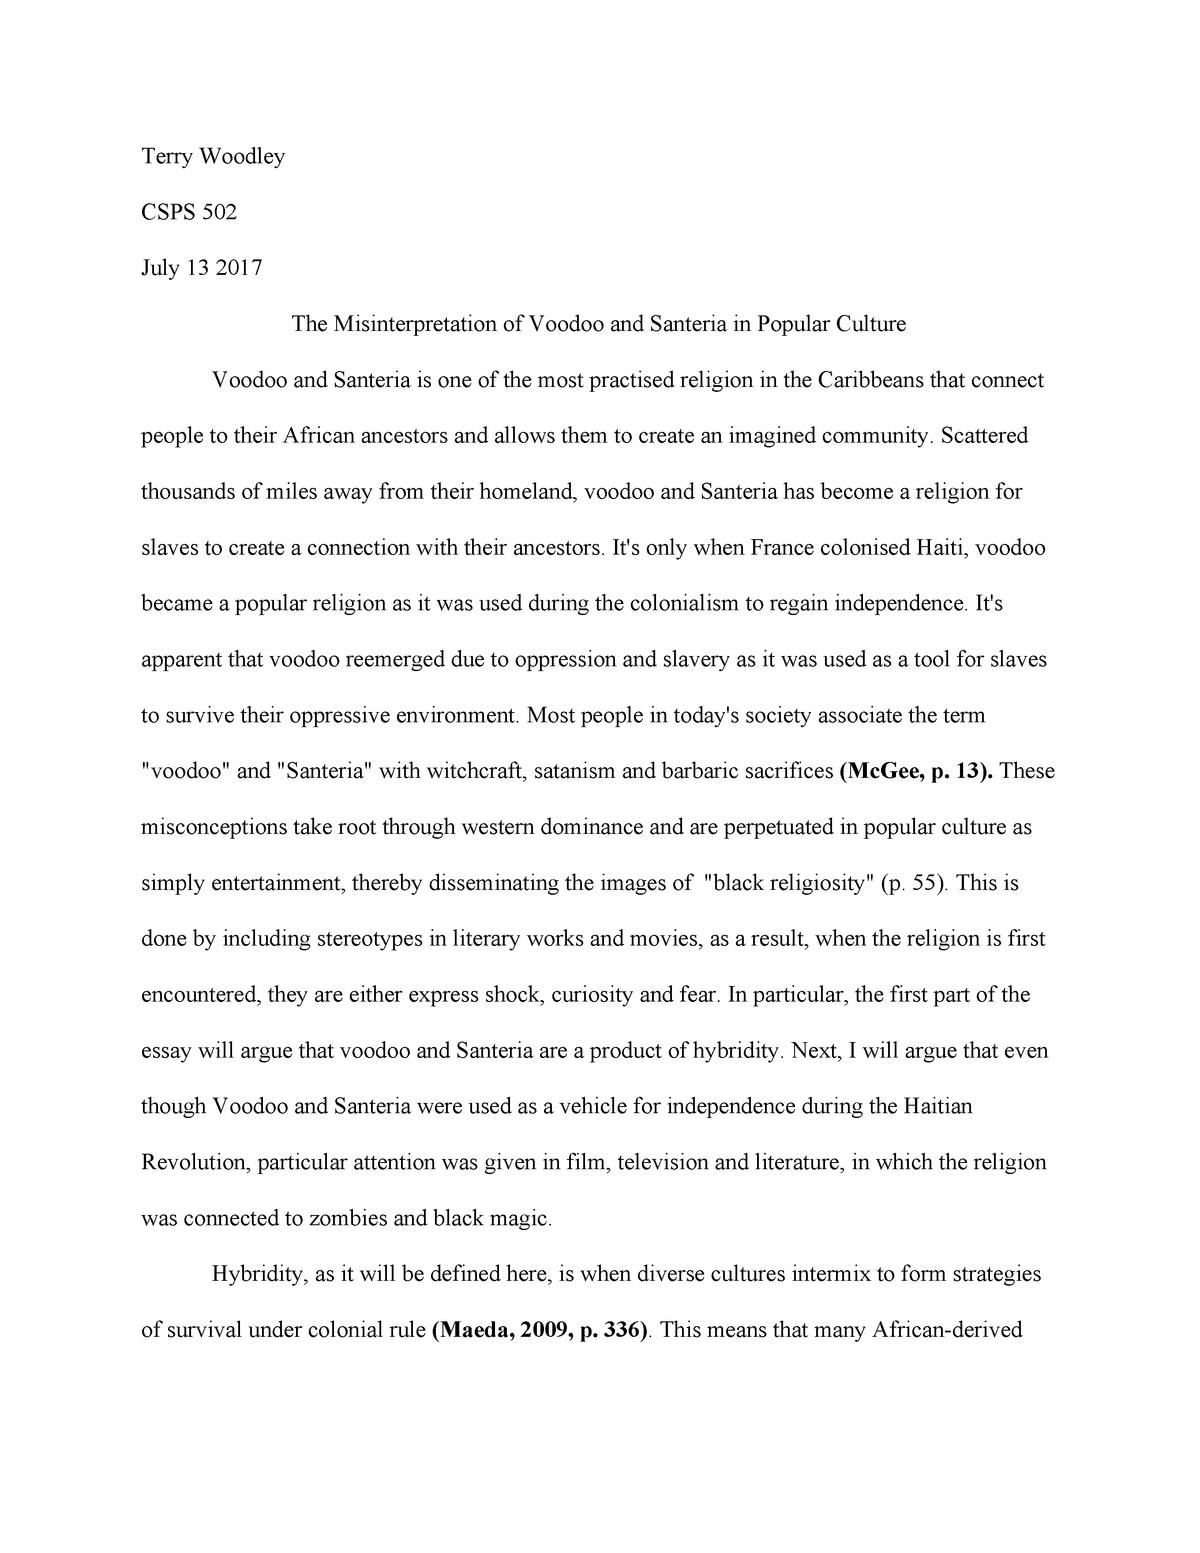 csps essay    the misinterpretation of voodoo and santeria in  csps essay    the misinterpretation of voodoo and santeria in popular  culture   csps  spanish caribbean literature and culture   studocu